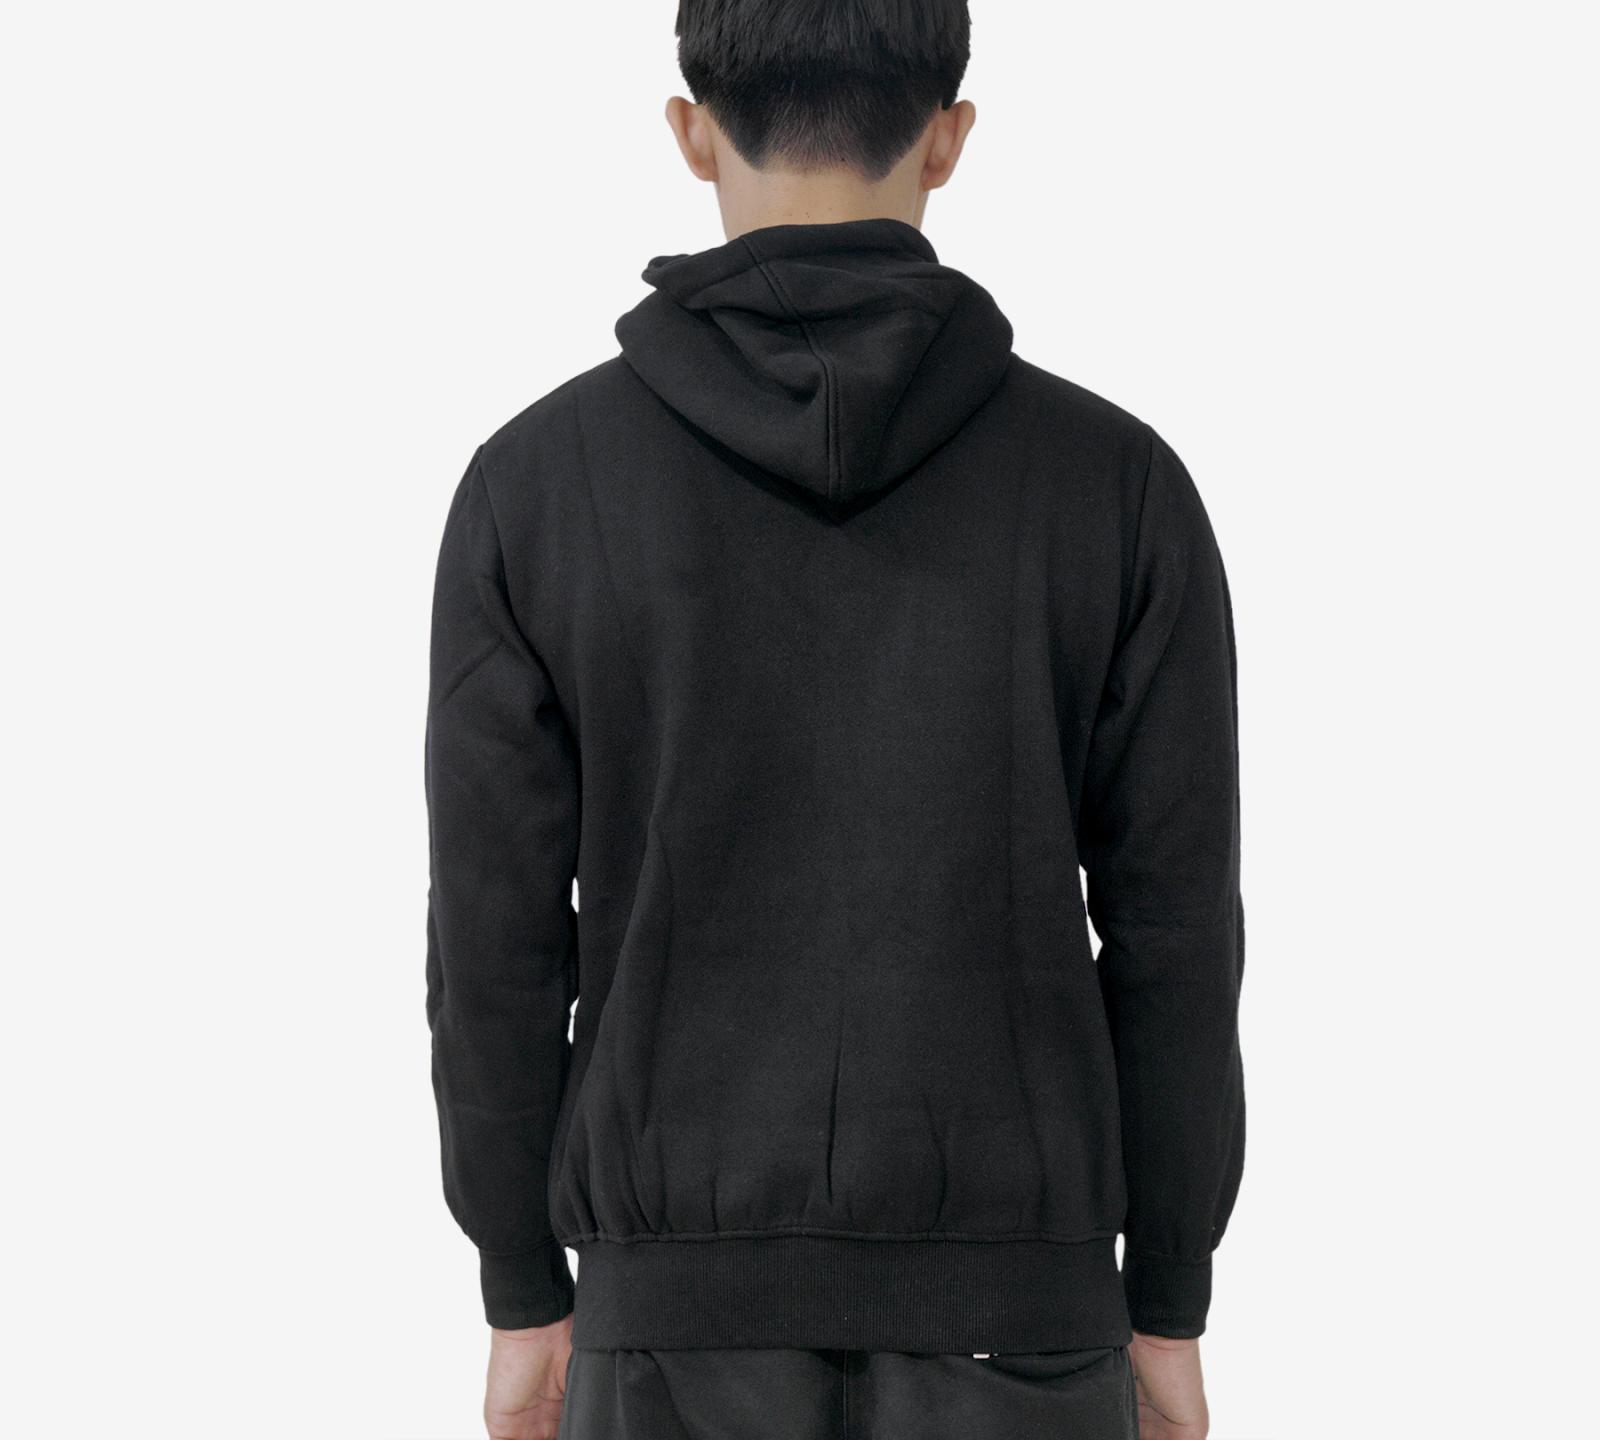 Kệ thây các loại áo trendy khác, cứ thu sang là áo hoodie vẫn cứ  hot  như thường